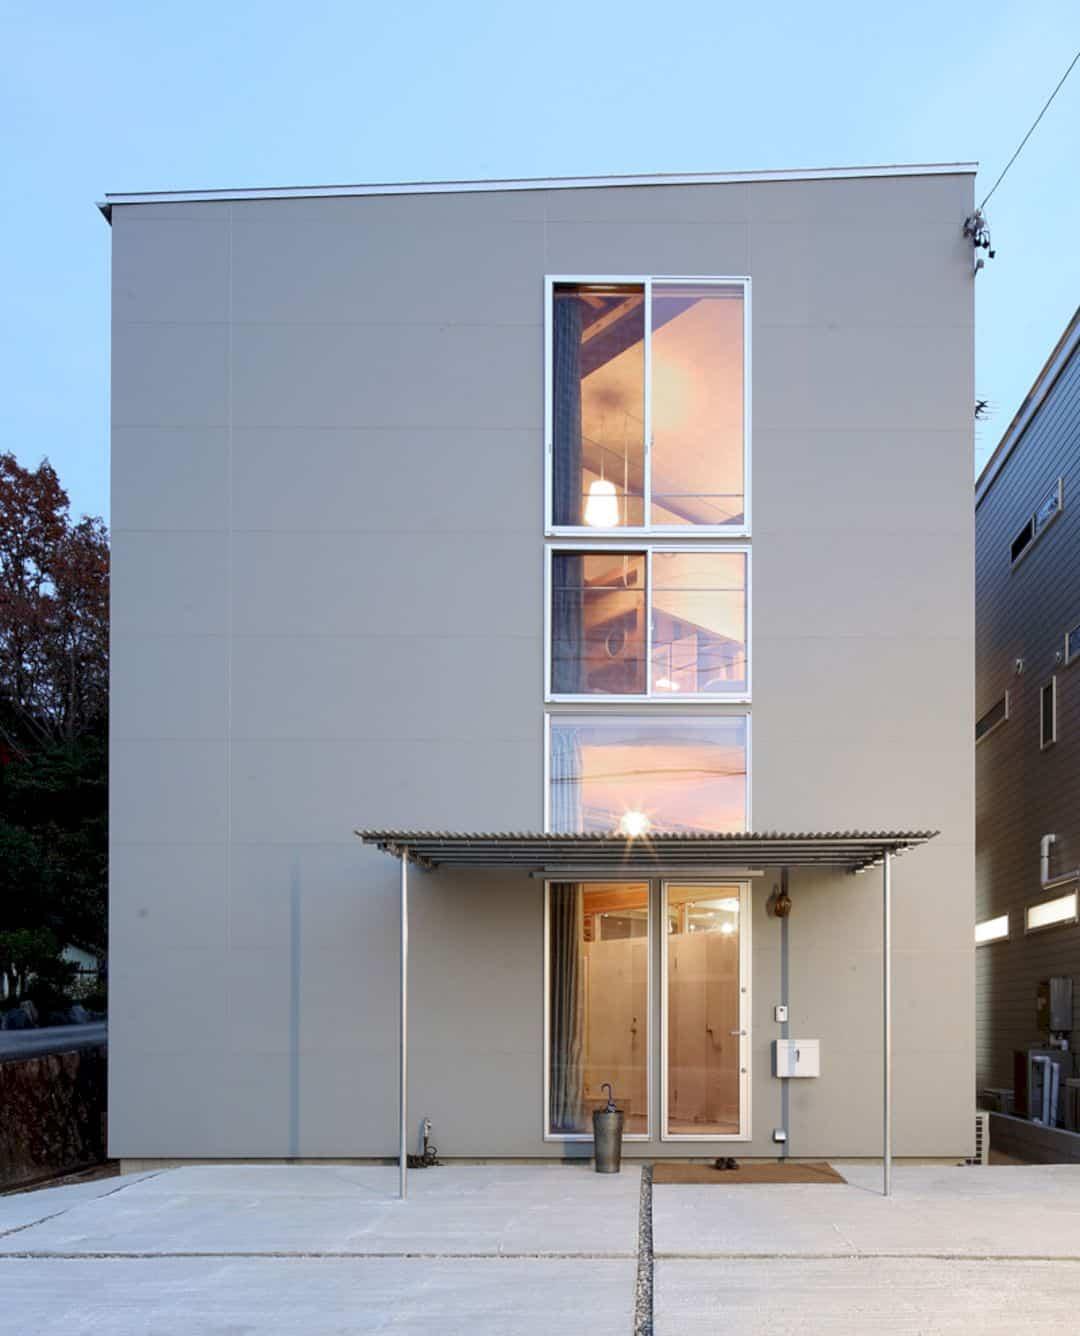 Strip House By Kochi ArchitectsStudio 2